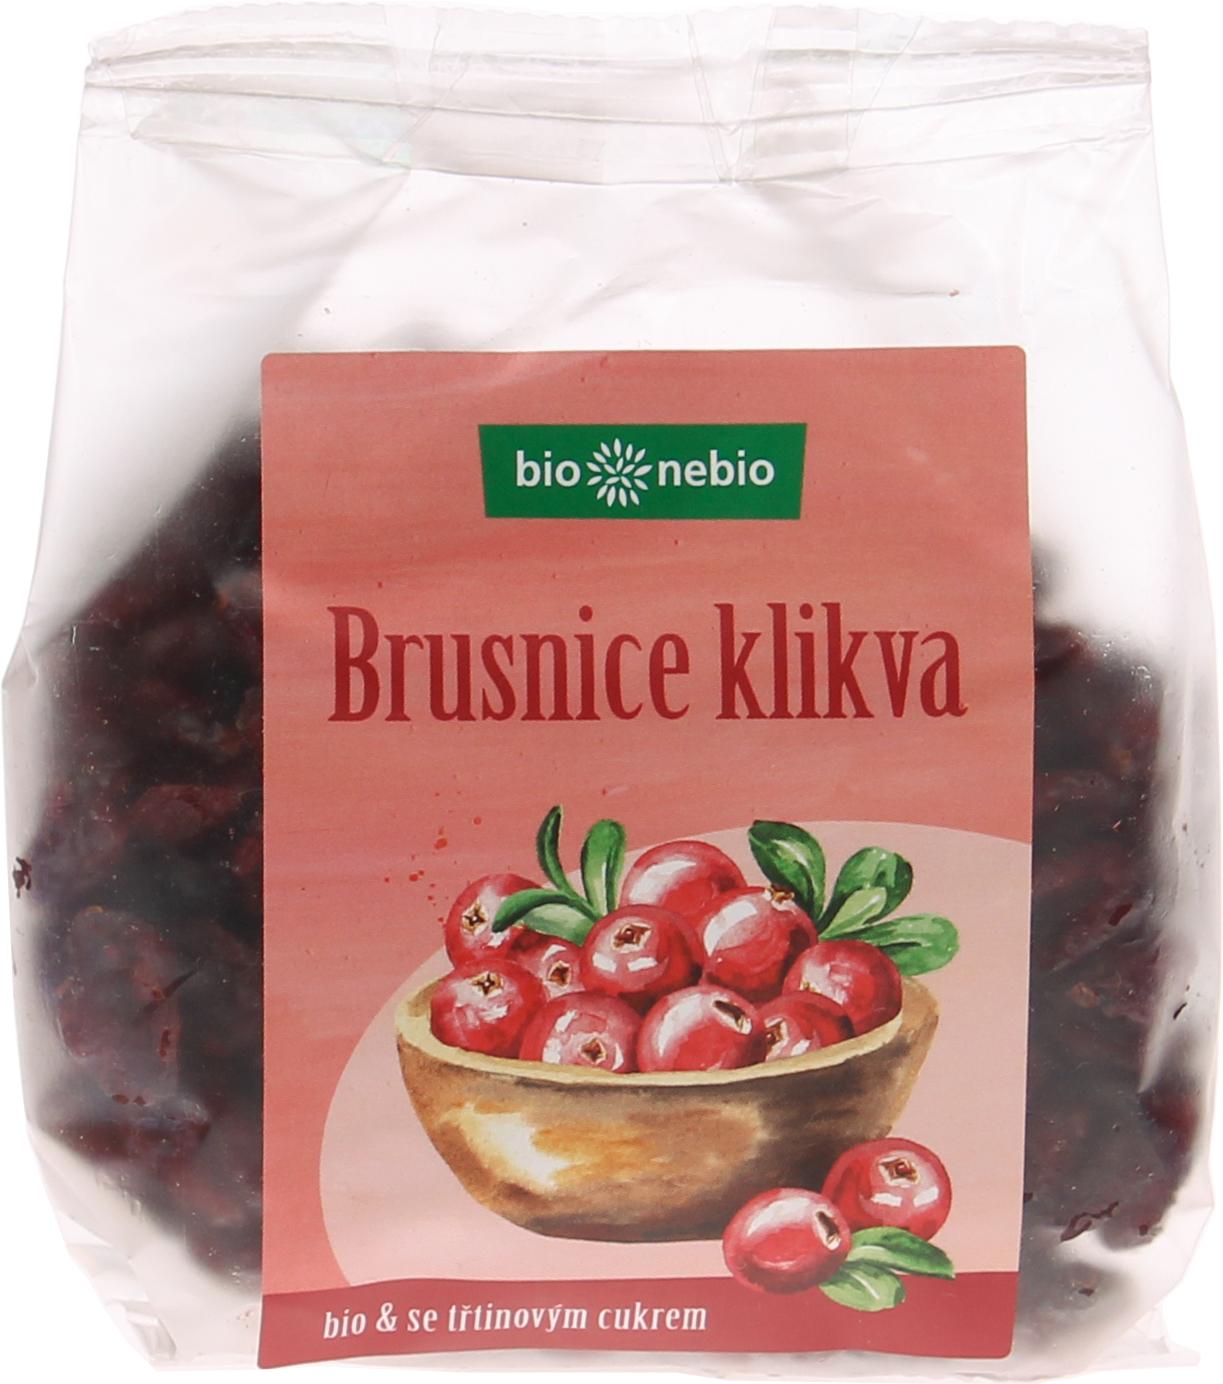 Bio brusnice klikva se třtinovým cukrem bio*nebio 200 g